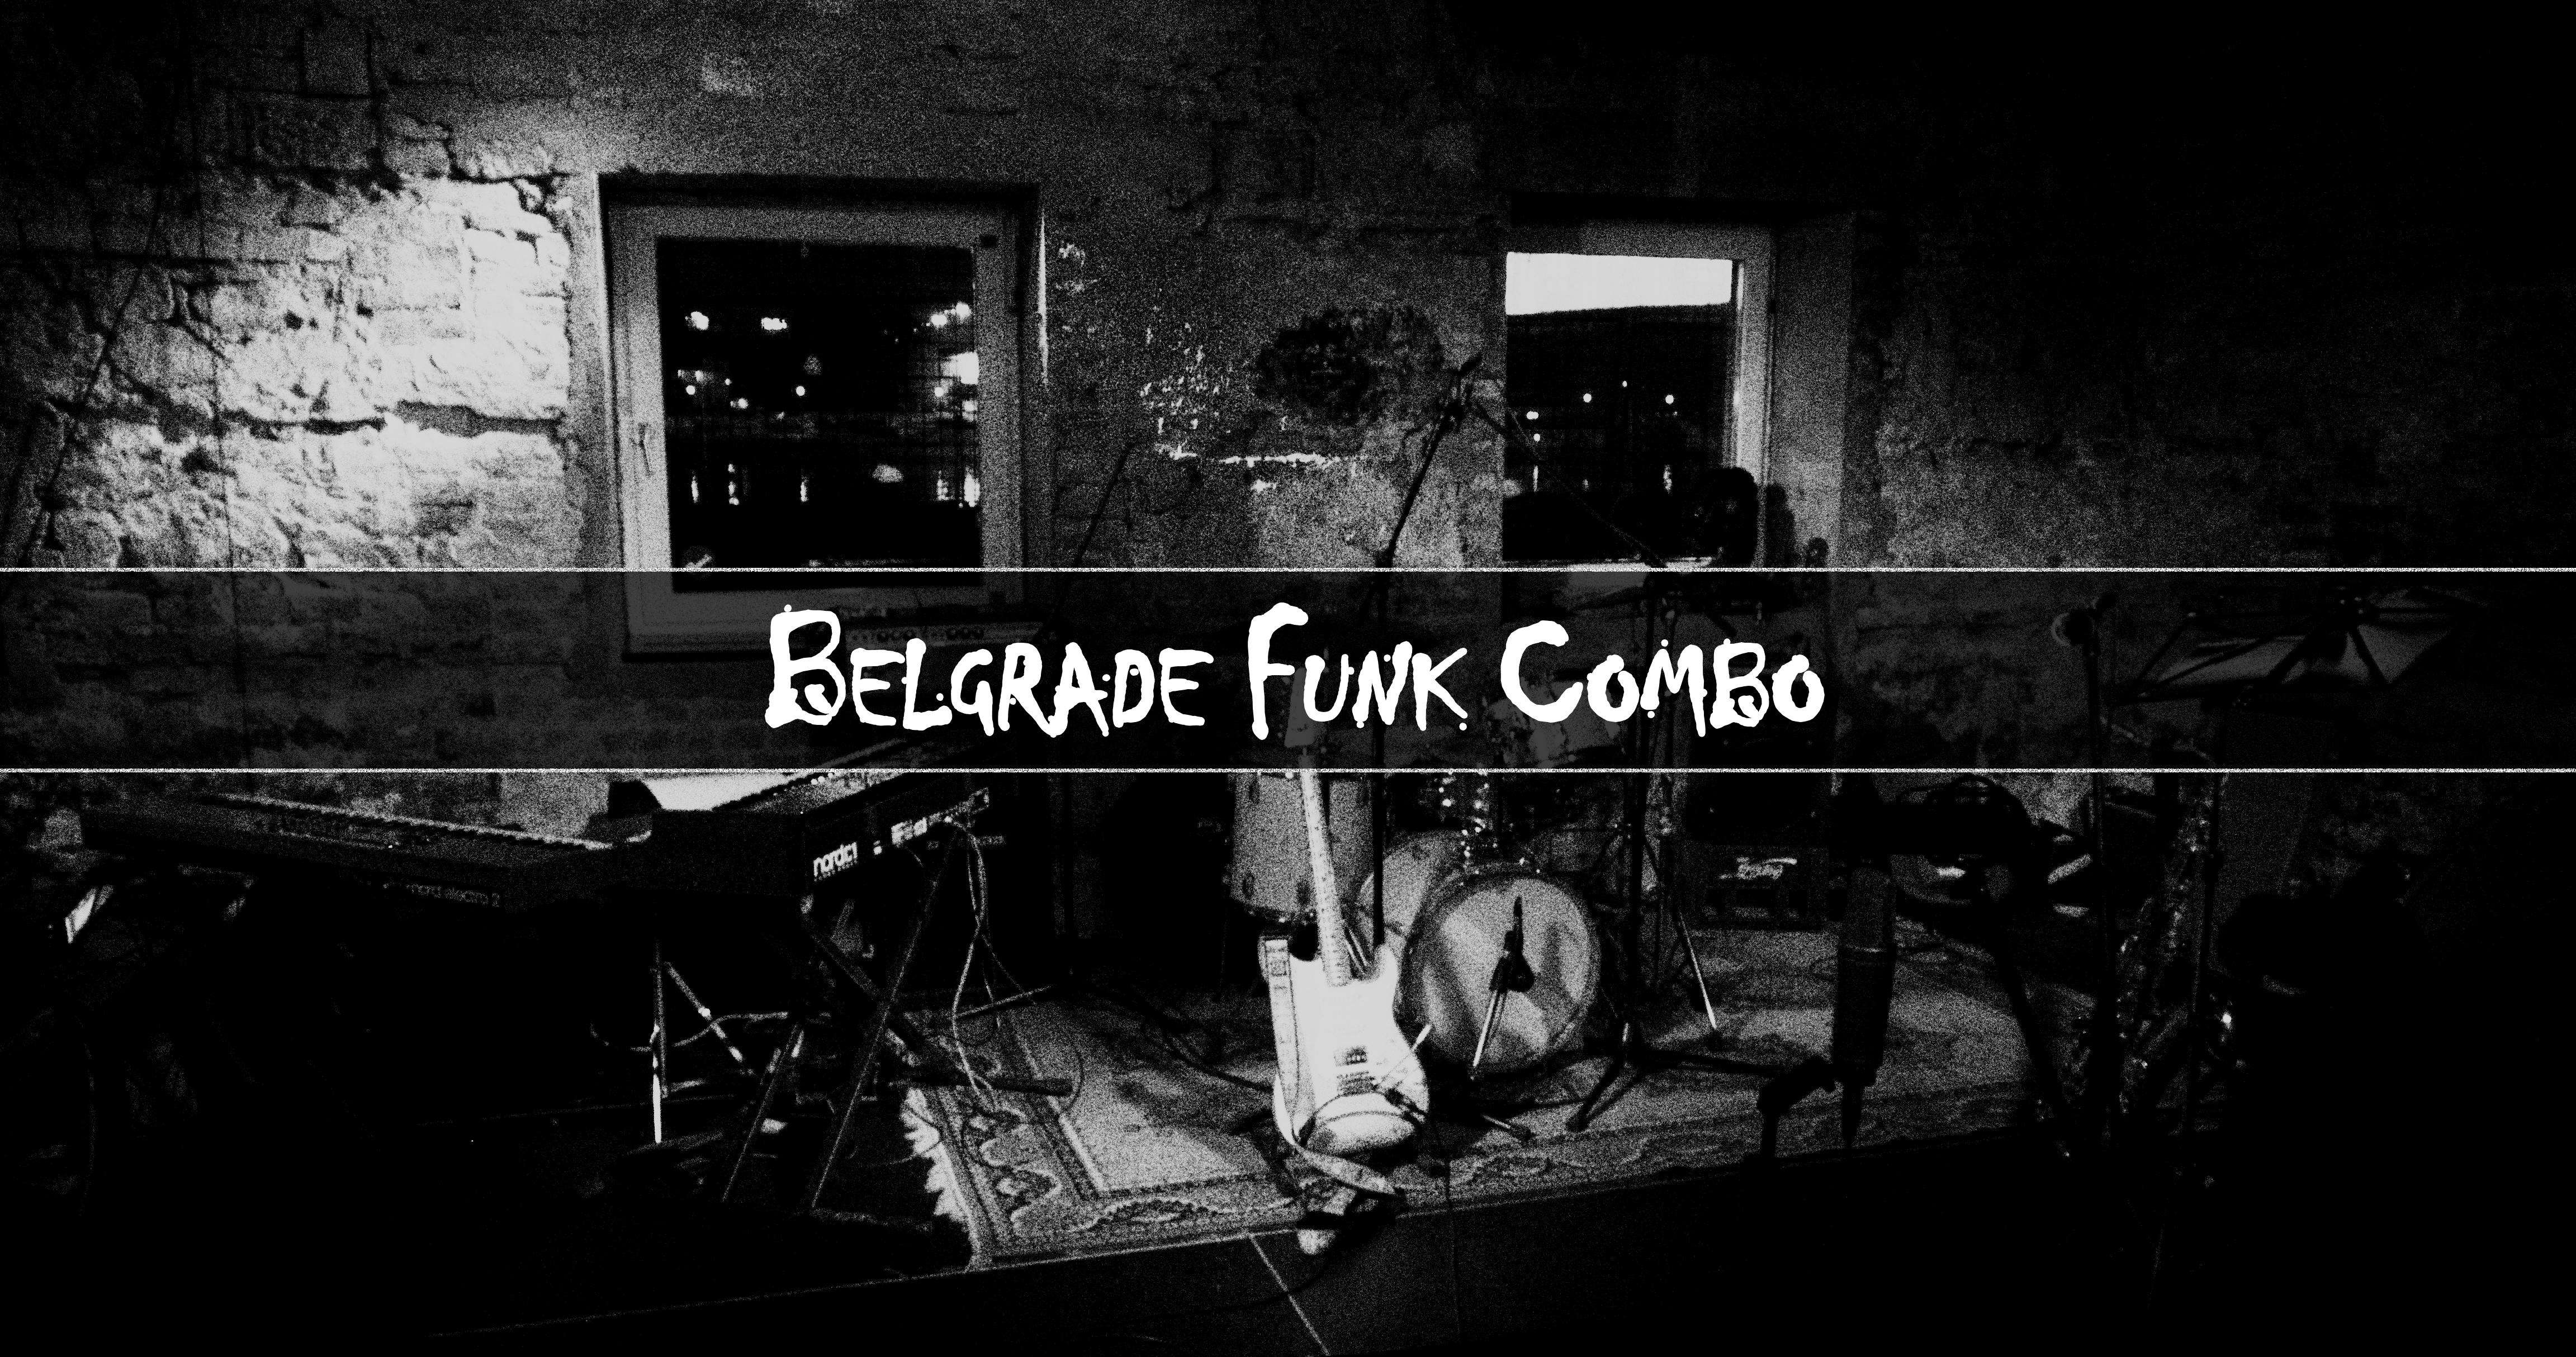 Belgrade Funk Combo Live